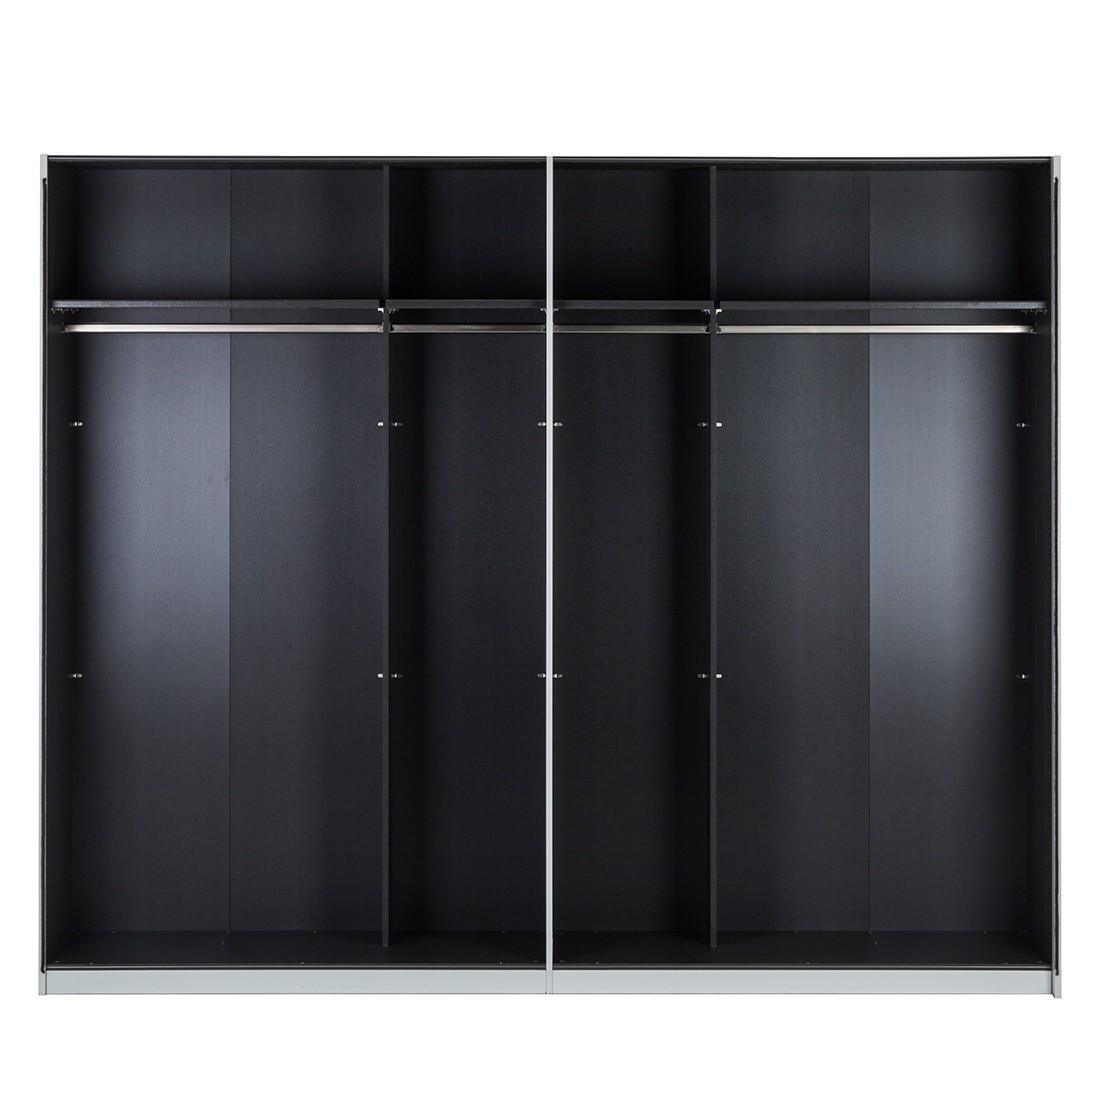 Schwebetürenschrank schwarz braun  Jetzt bei Home24: Schwebetürenschrank von Rauch Select | Home24